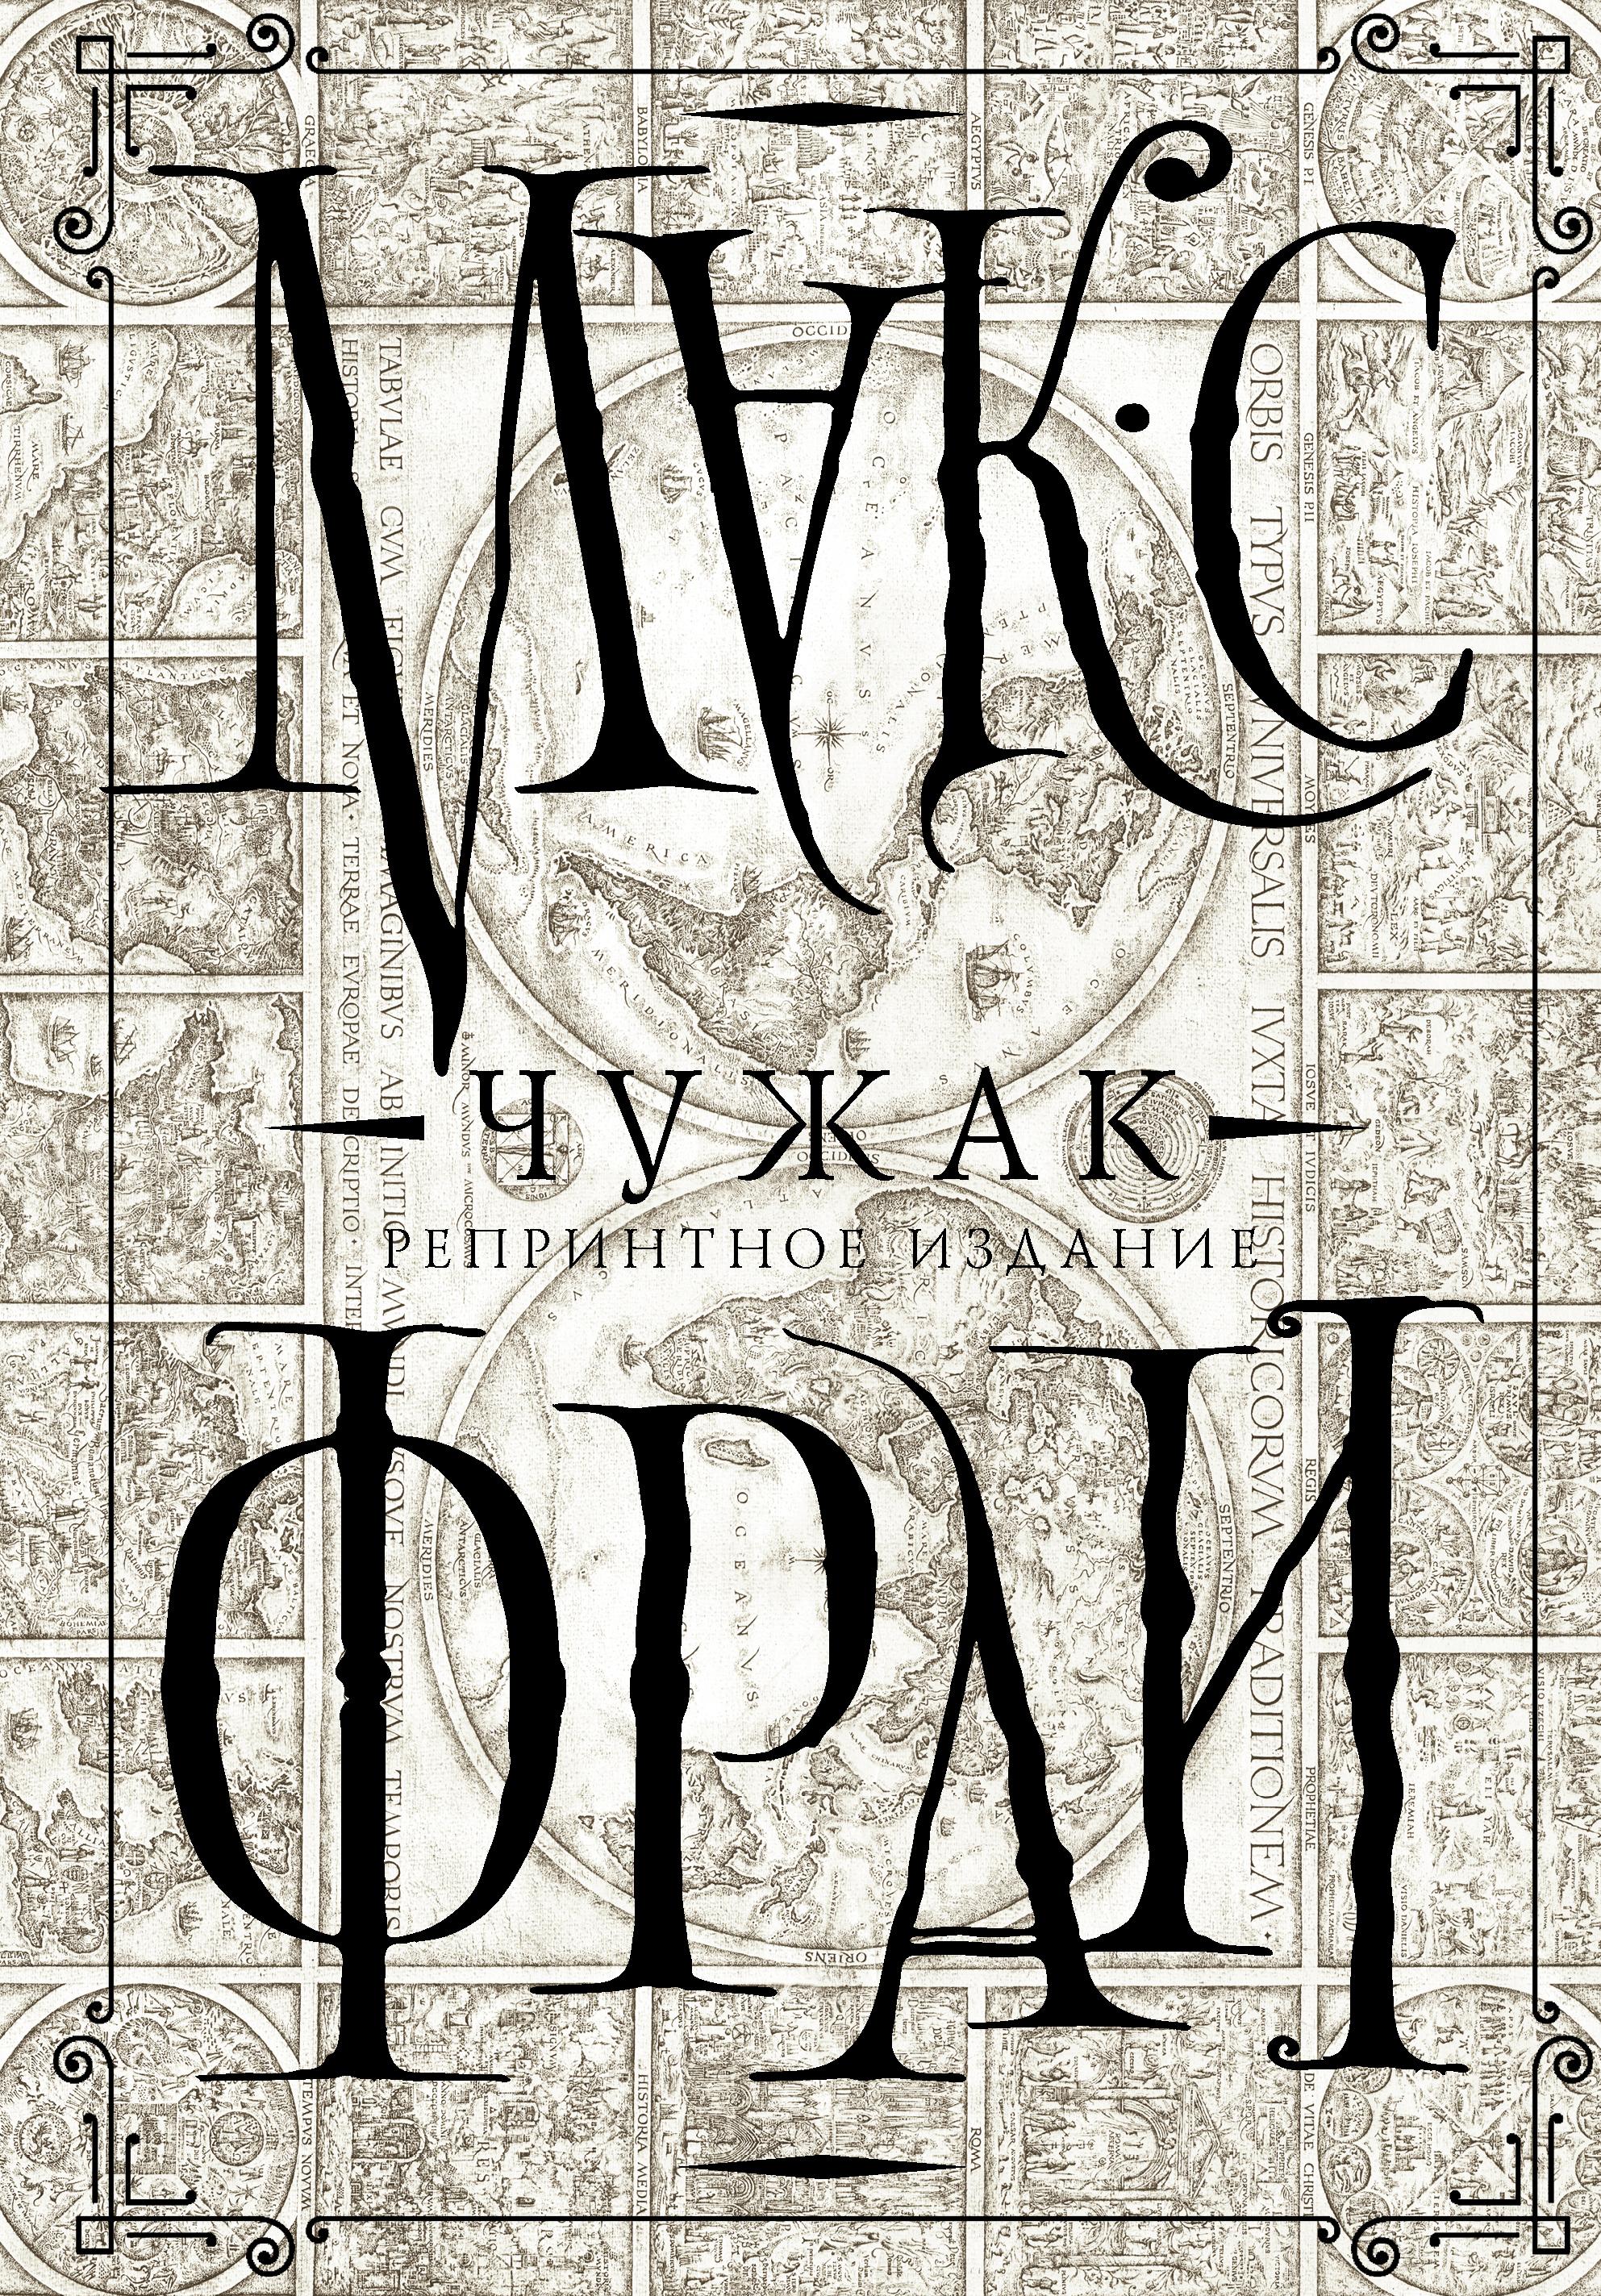 Фрай Макс Чужак (репринтное издание)